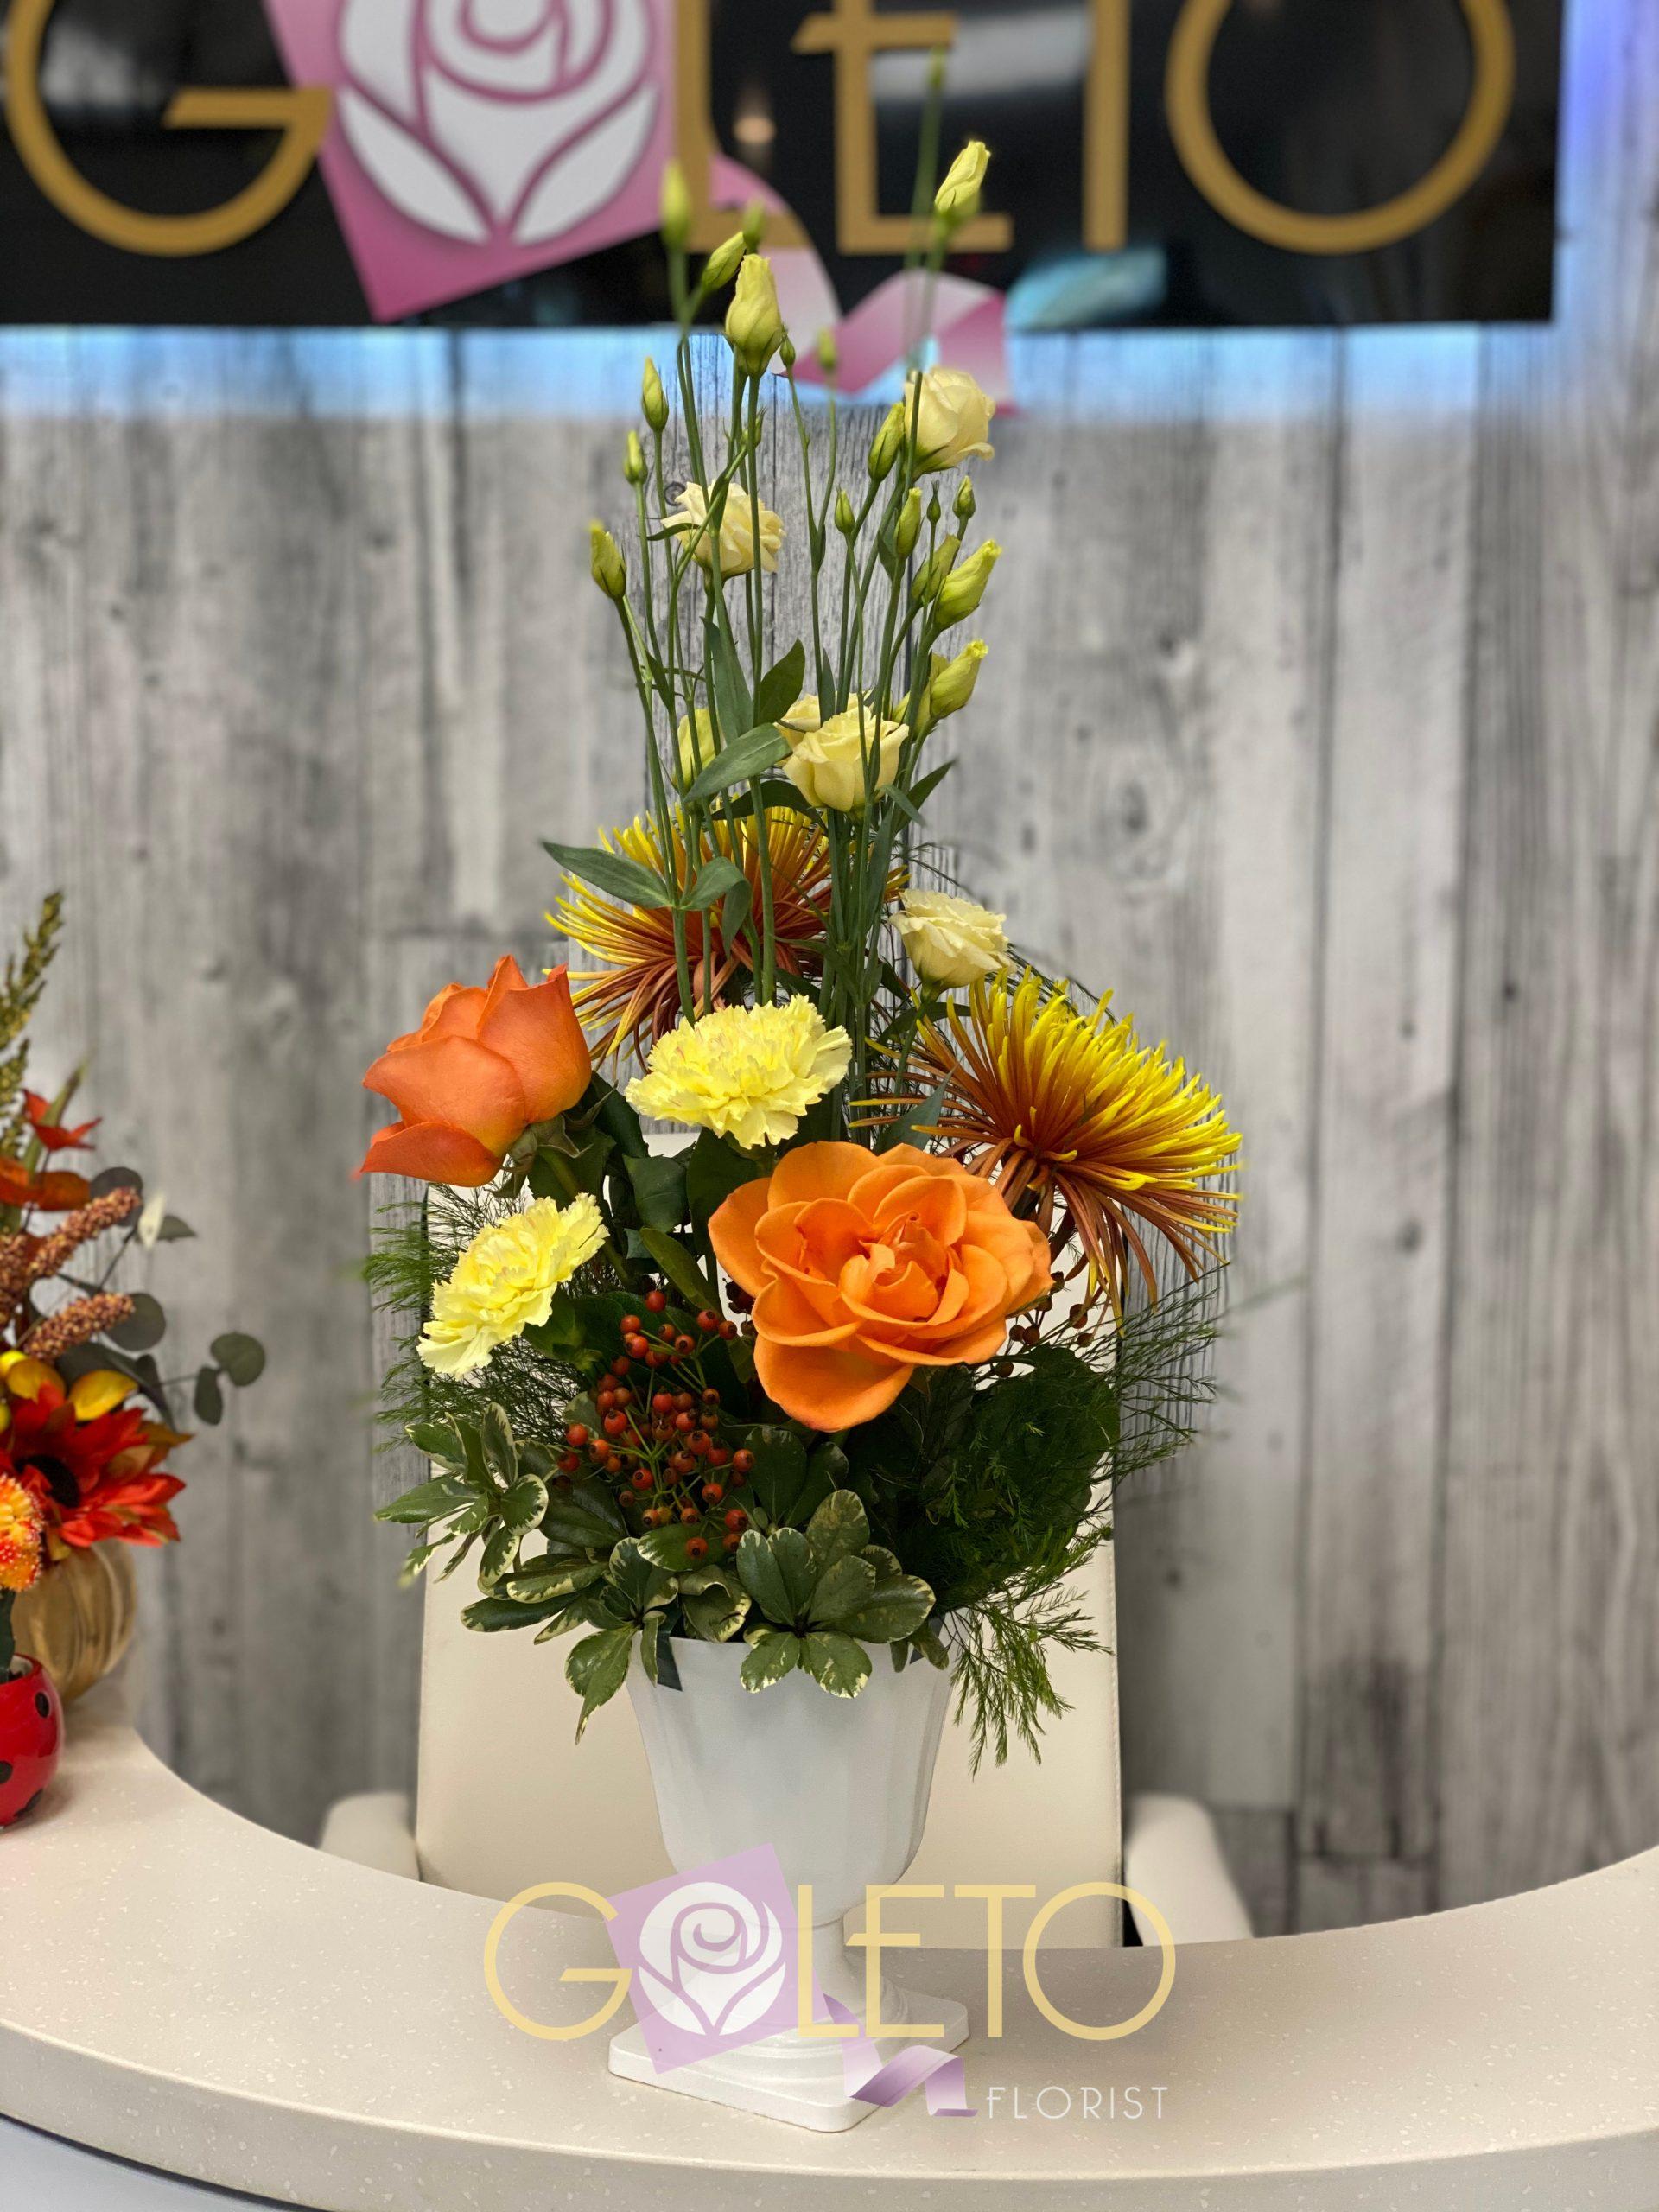 goleto-flower-design-richmond-hill-flower-shop100